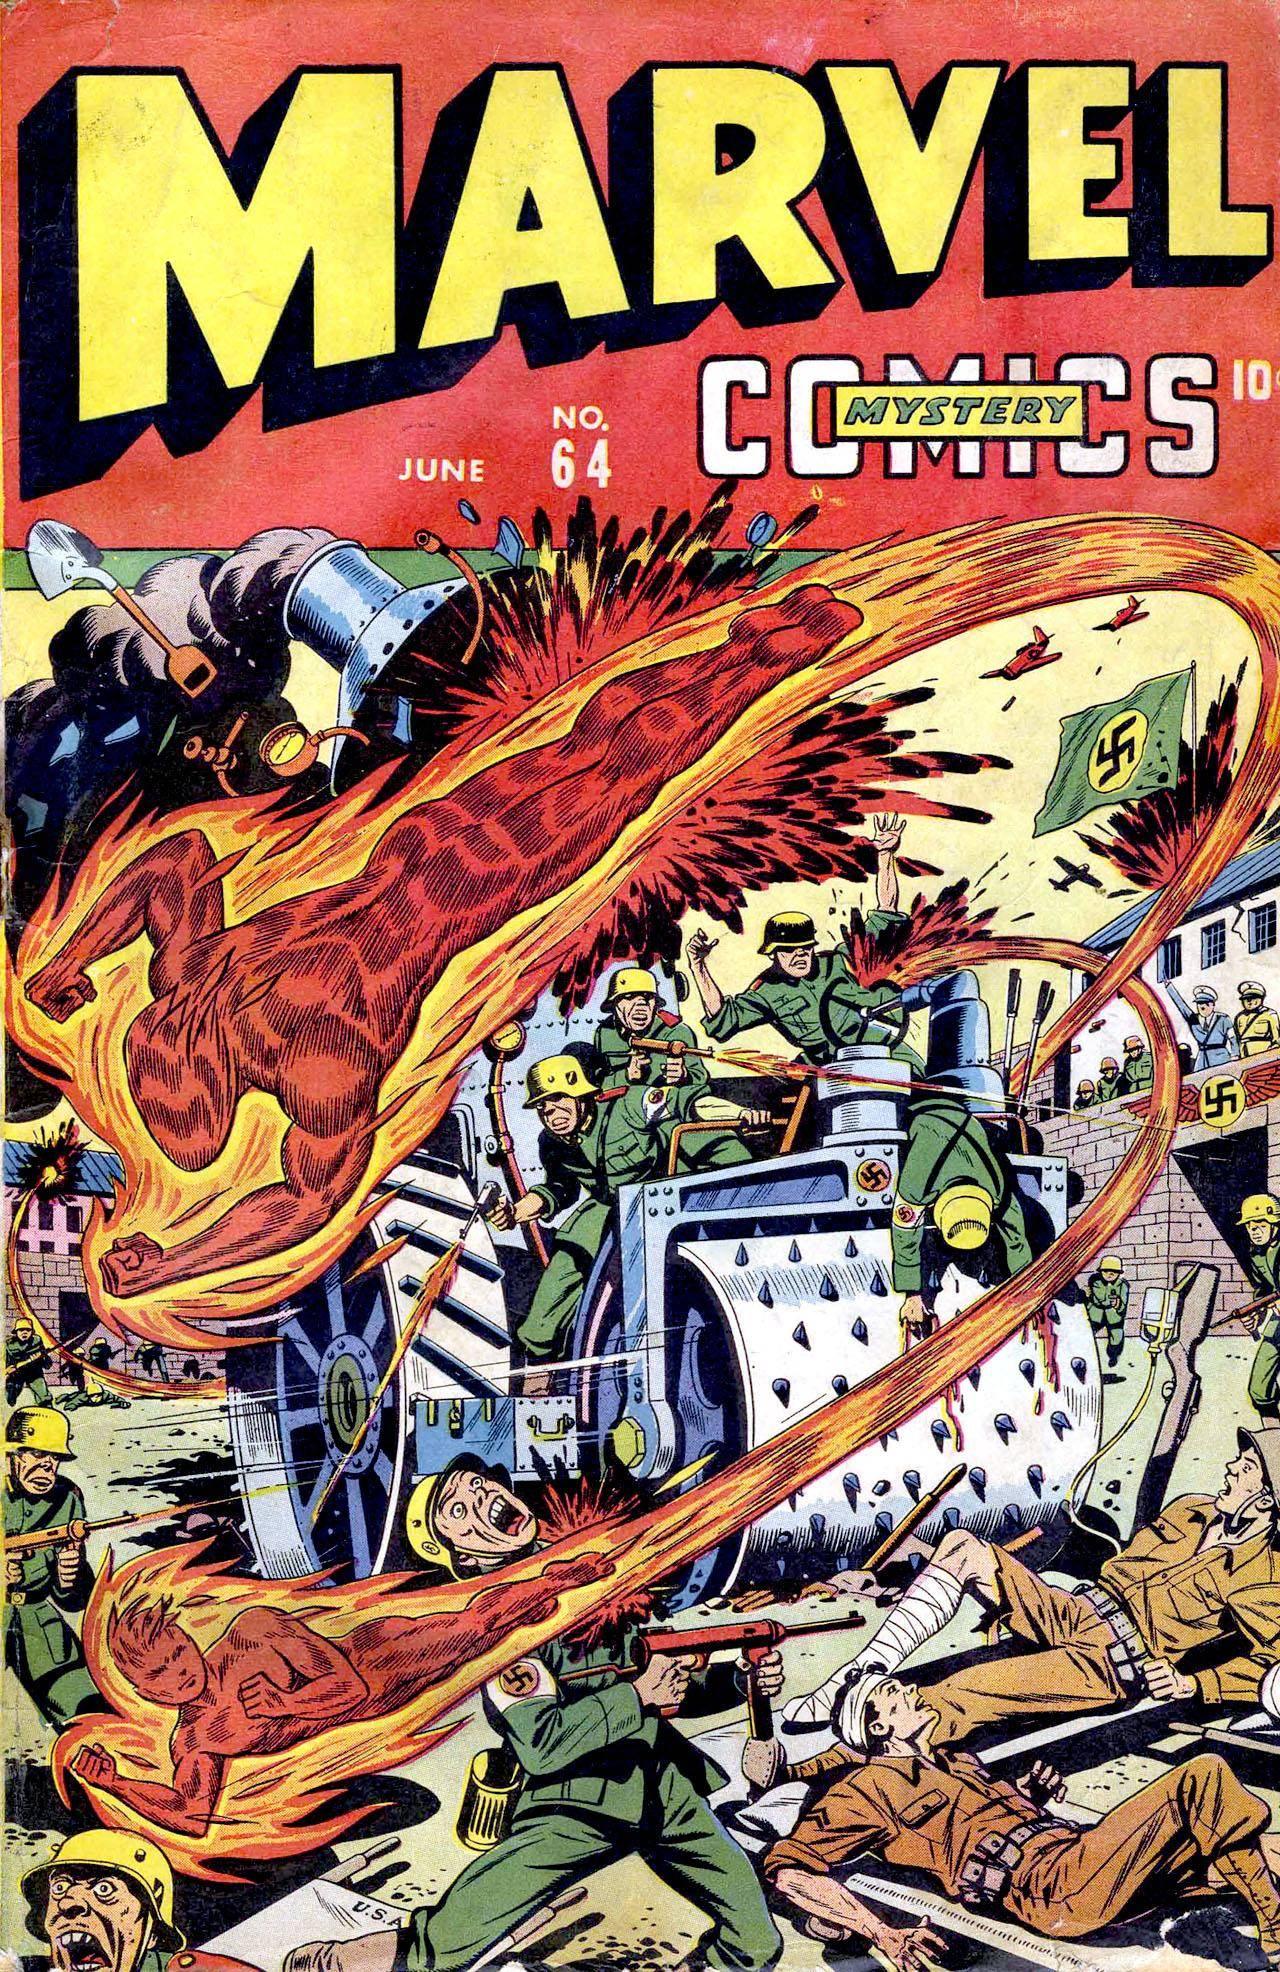 Marvel Mystery Comics v1 064